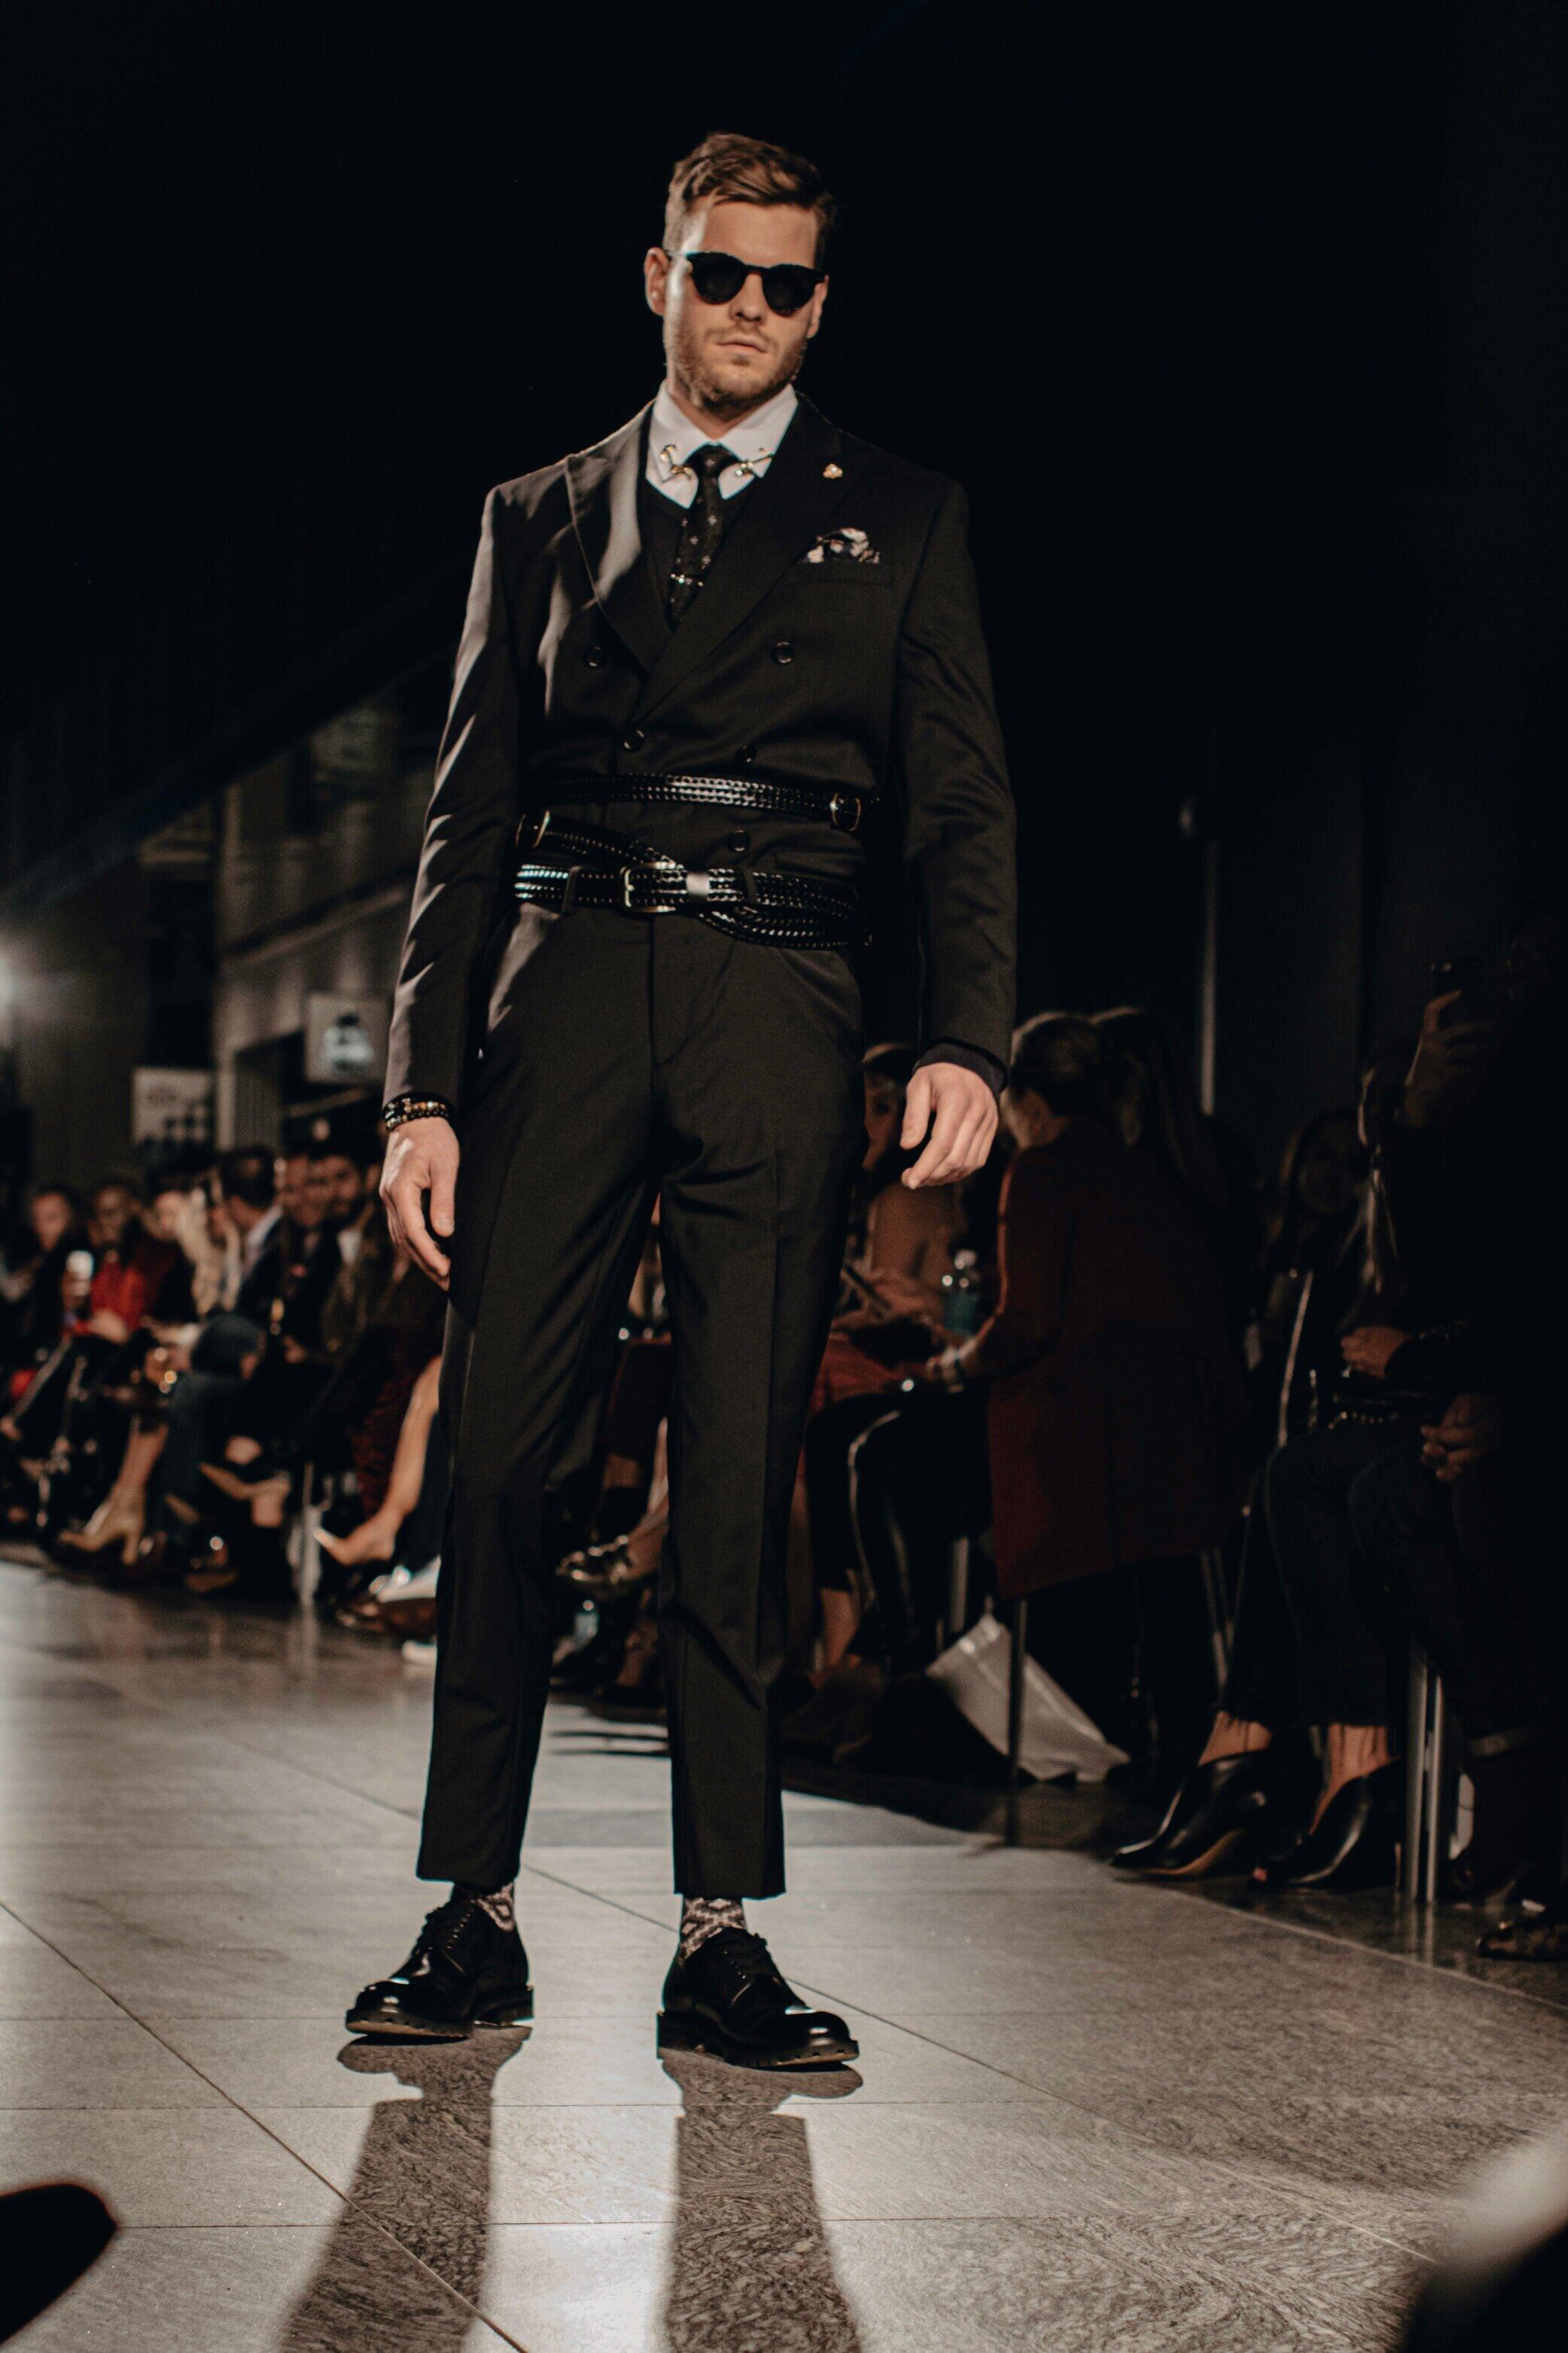 German Heigel of Mode Models | Photo by Rylan Weselowski